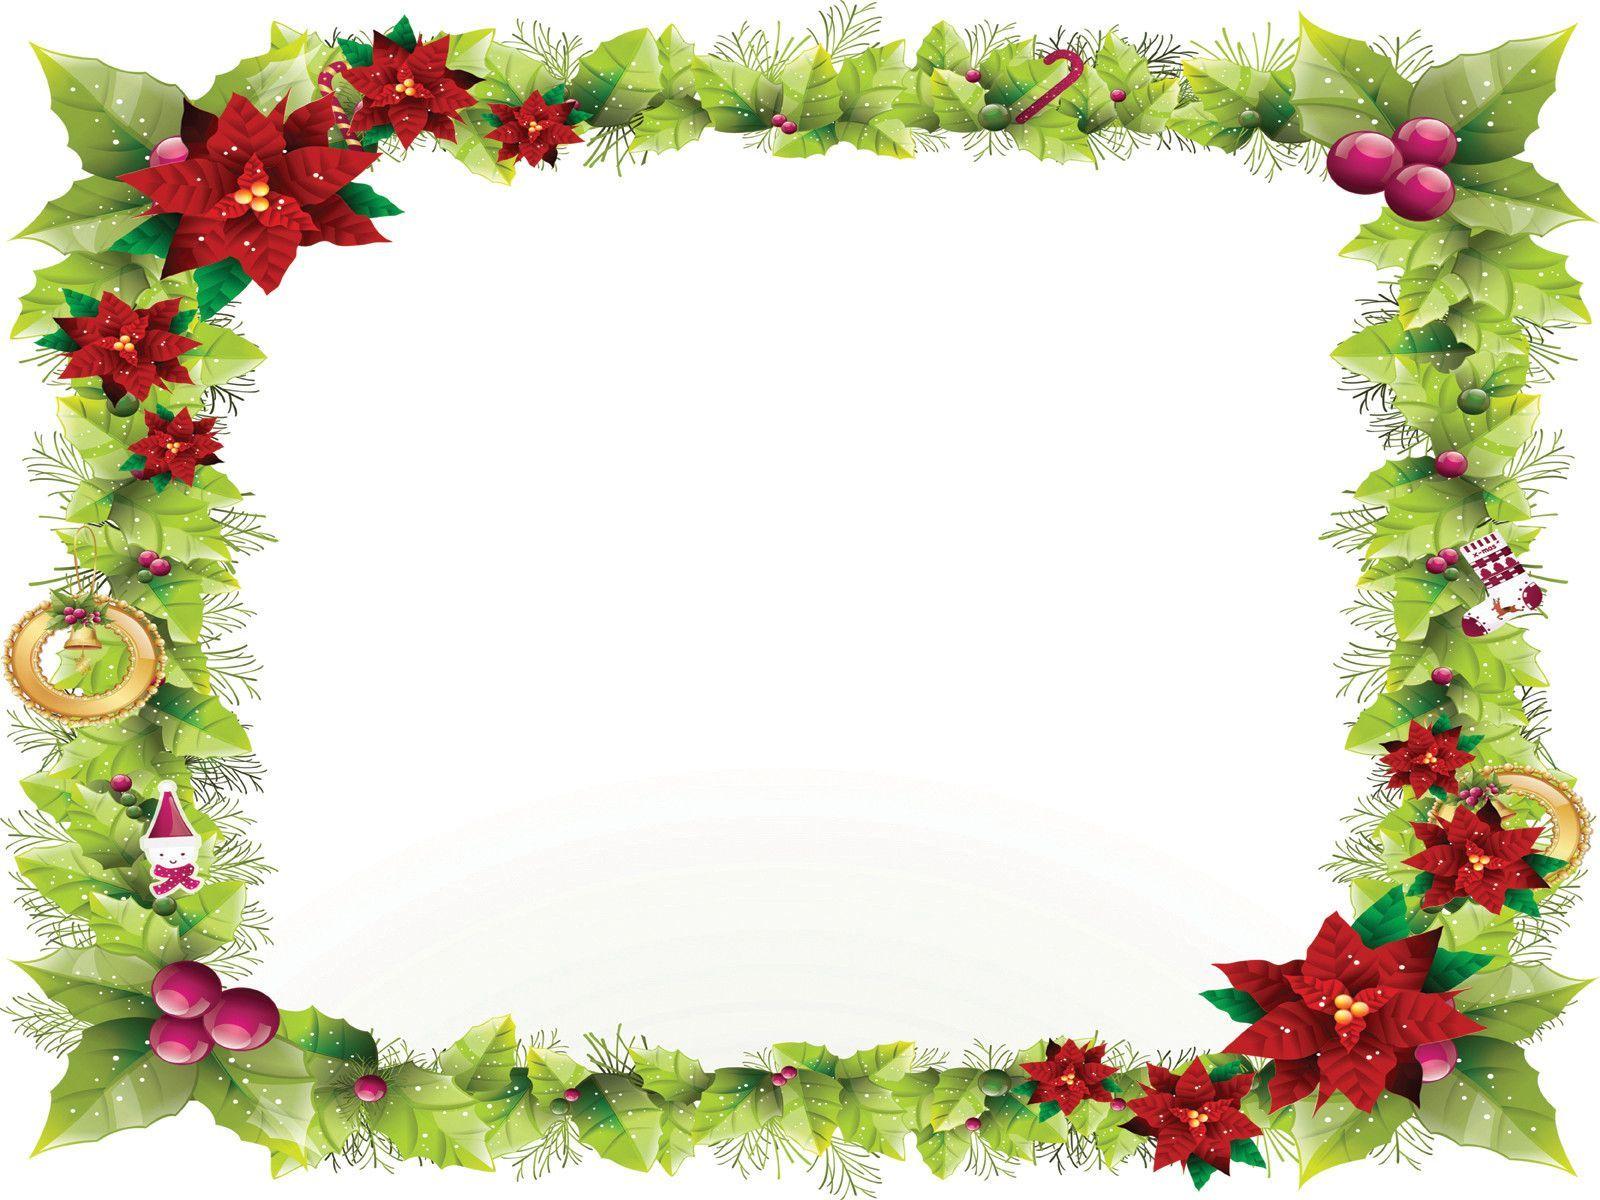 2612297borderwallpapers.jpg (JPEG Image, 1600 × 1200